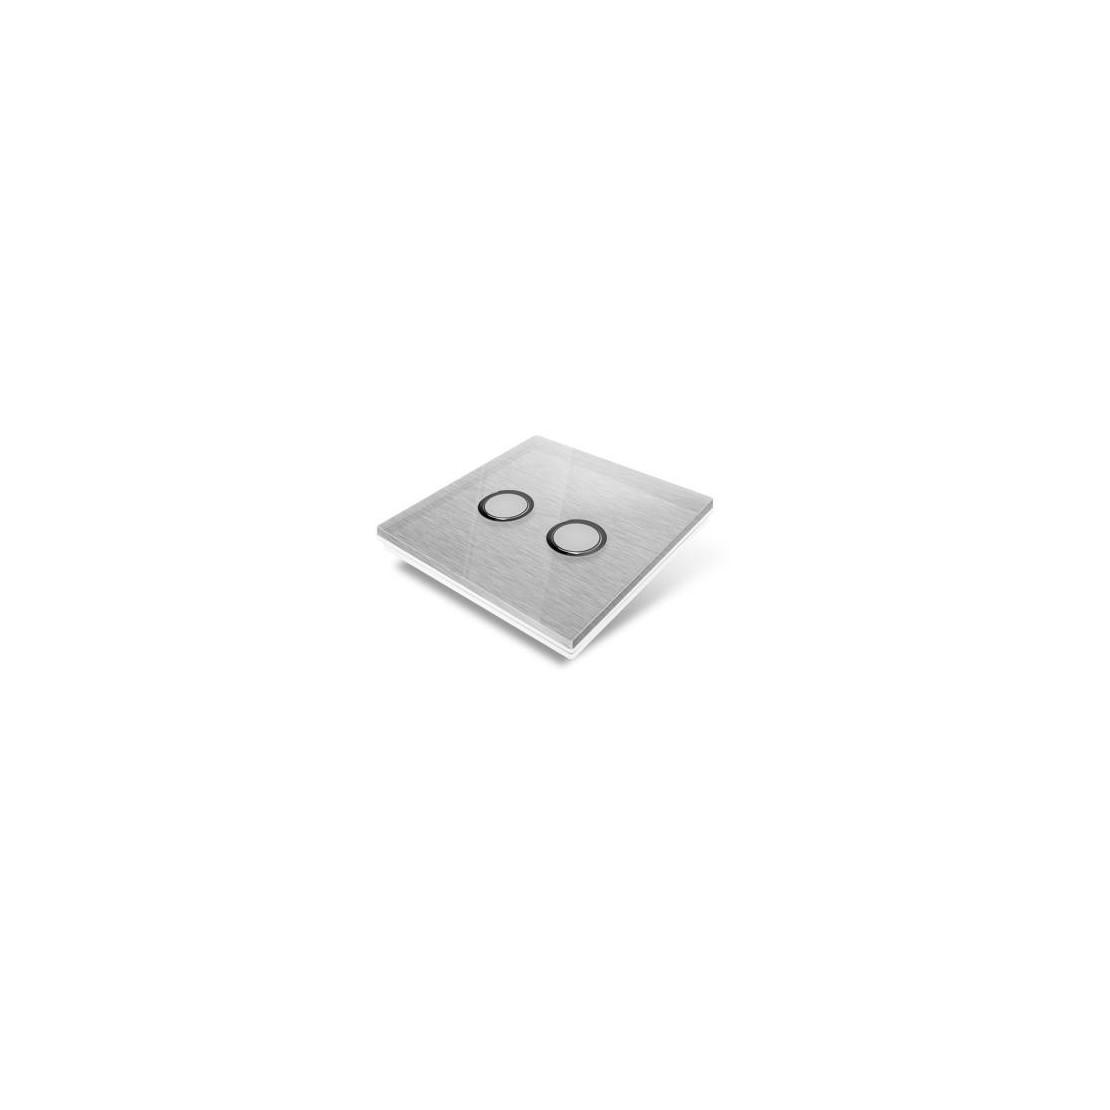 Plaque de recouvrement pour interrupteur Edisio - crystal Gris